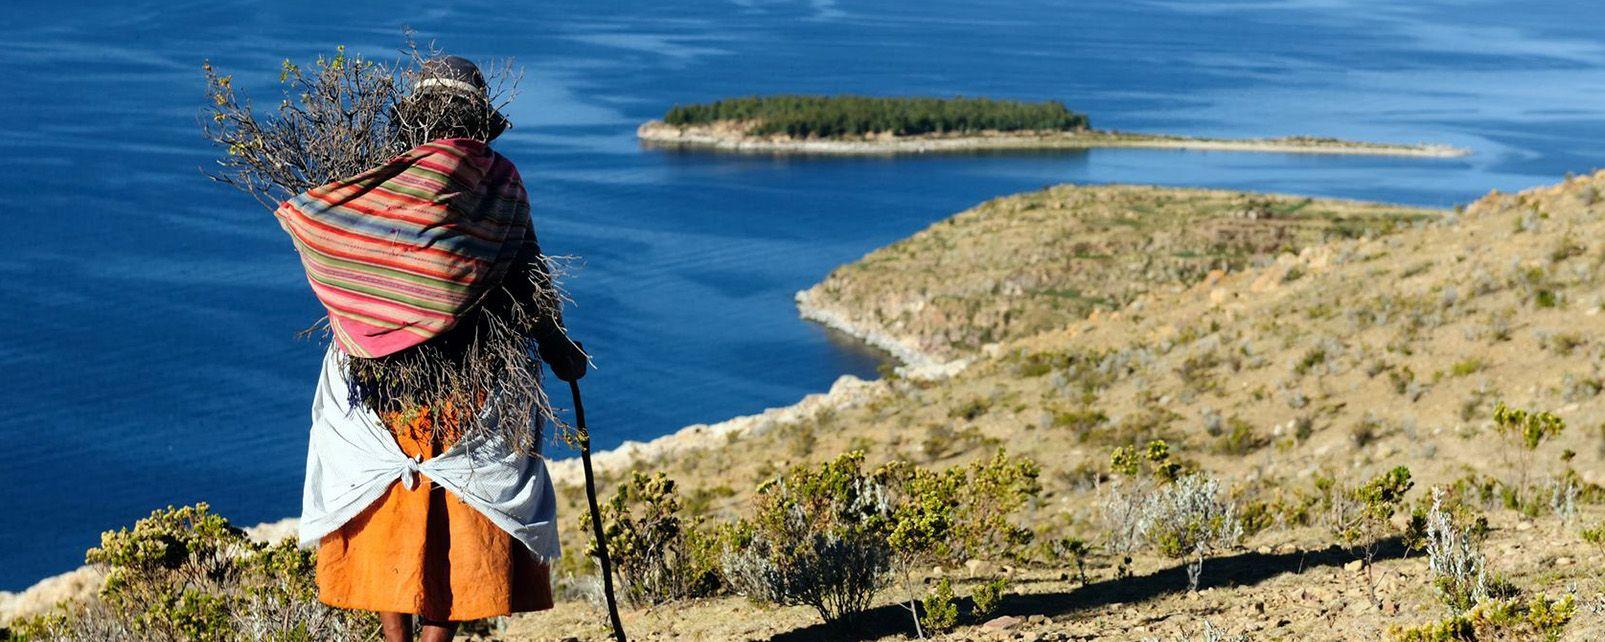 Es descubierta en el lago Titicaca una civilización anterior a los incas